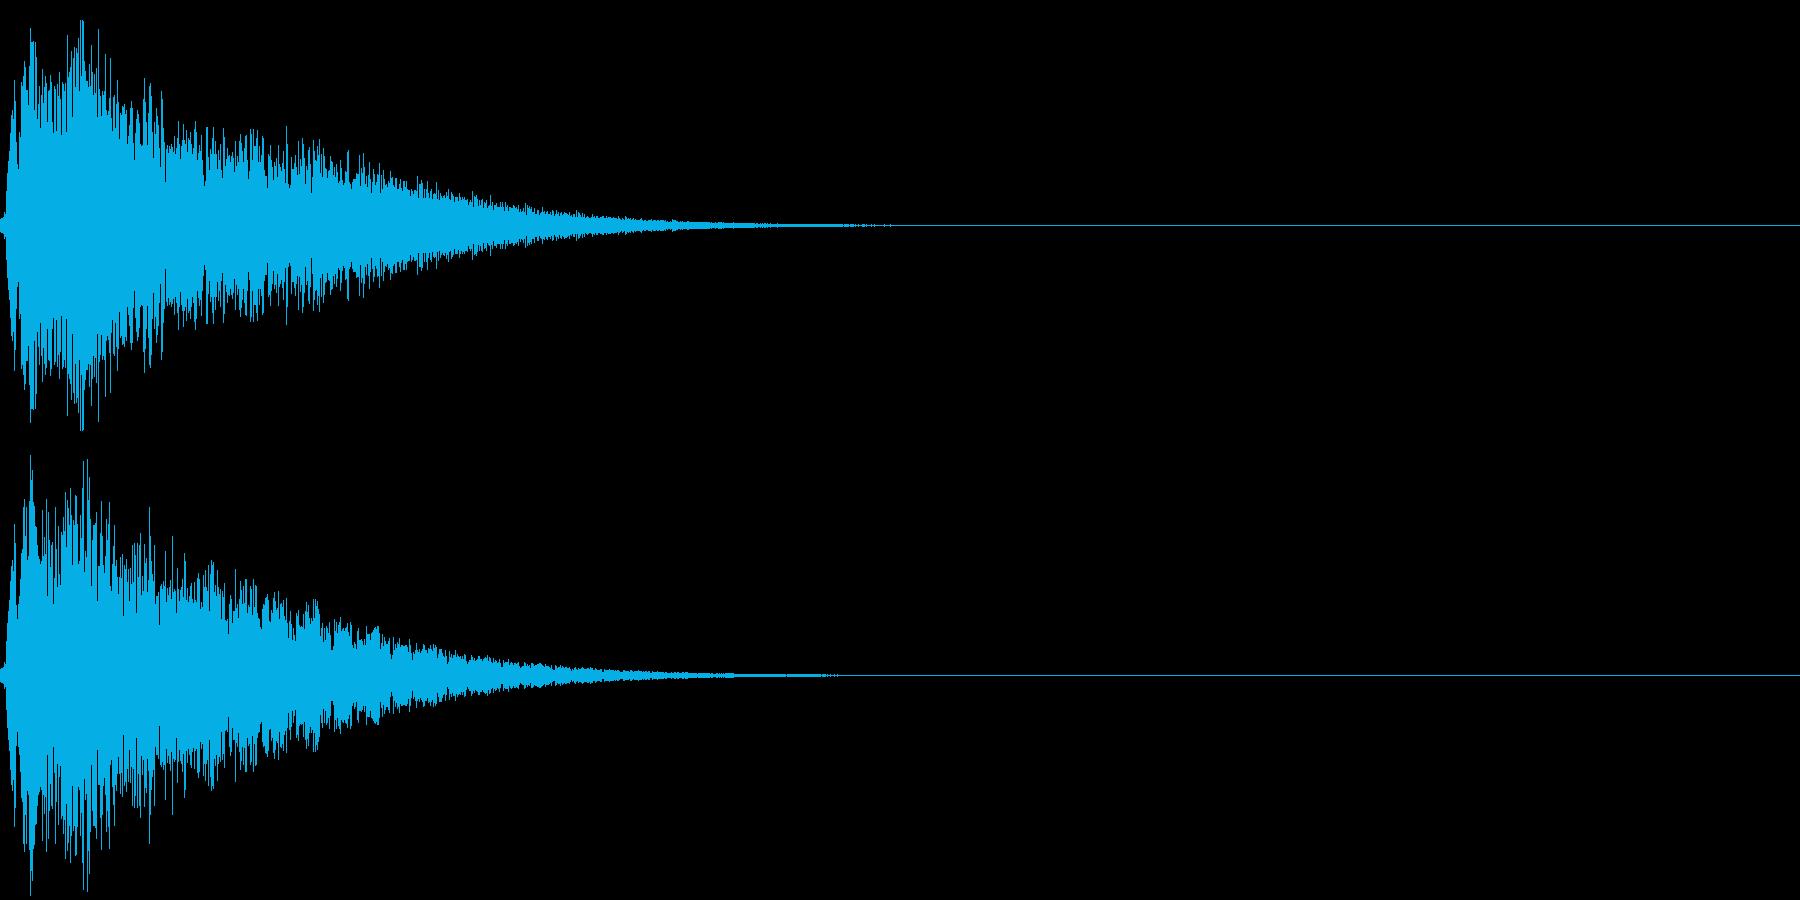 キュイン キーン シャキーン 光る 09の再生済みの波形